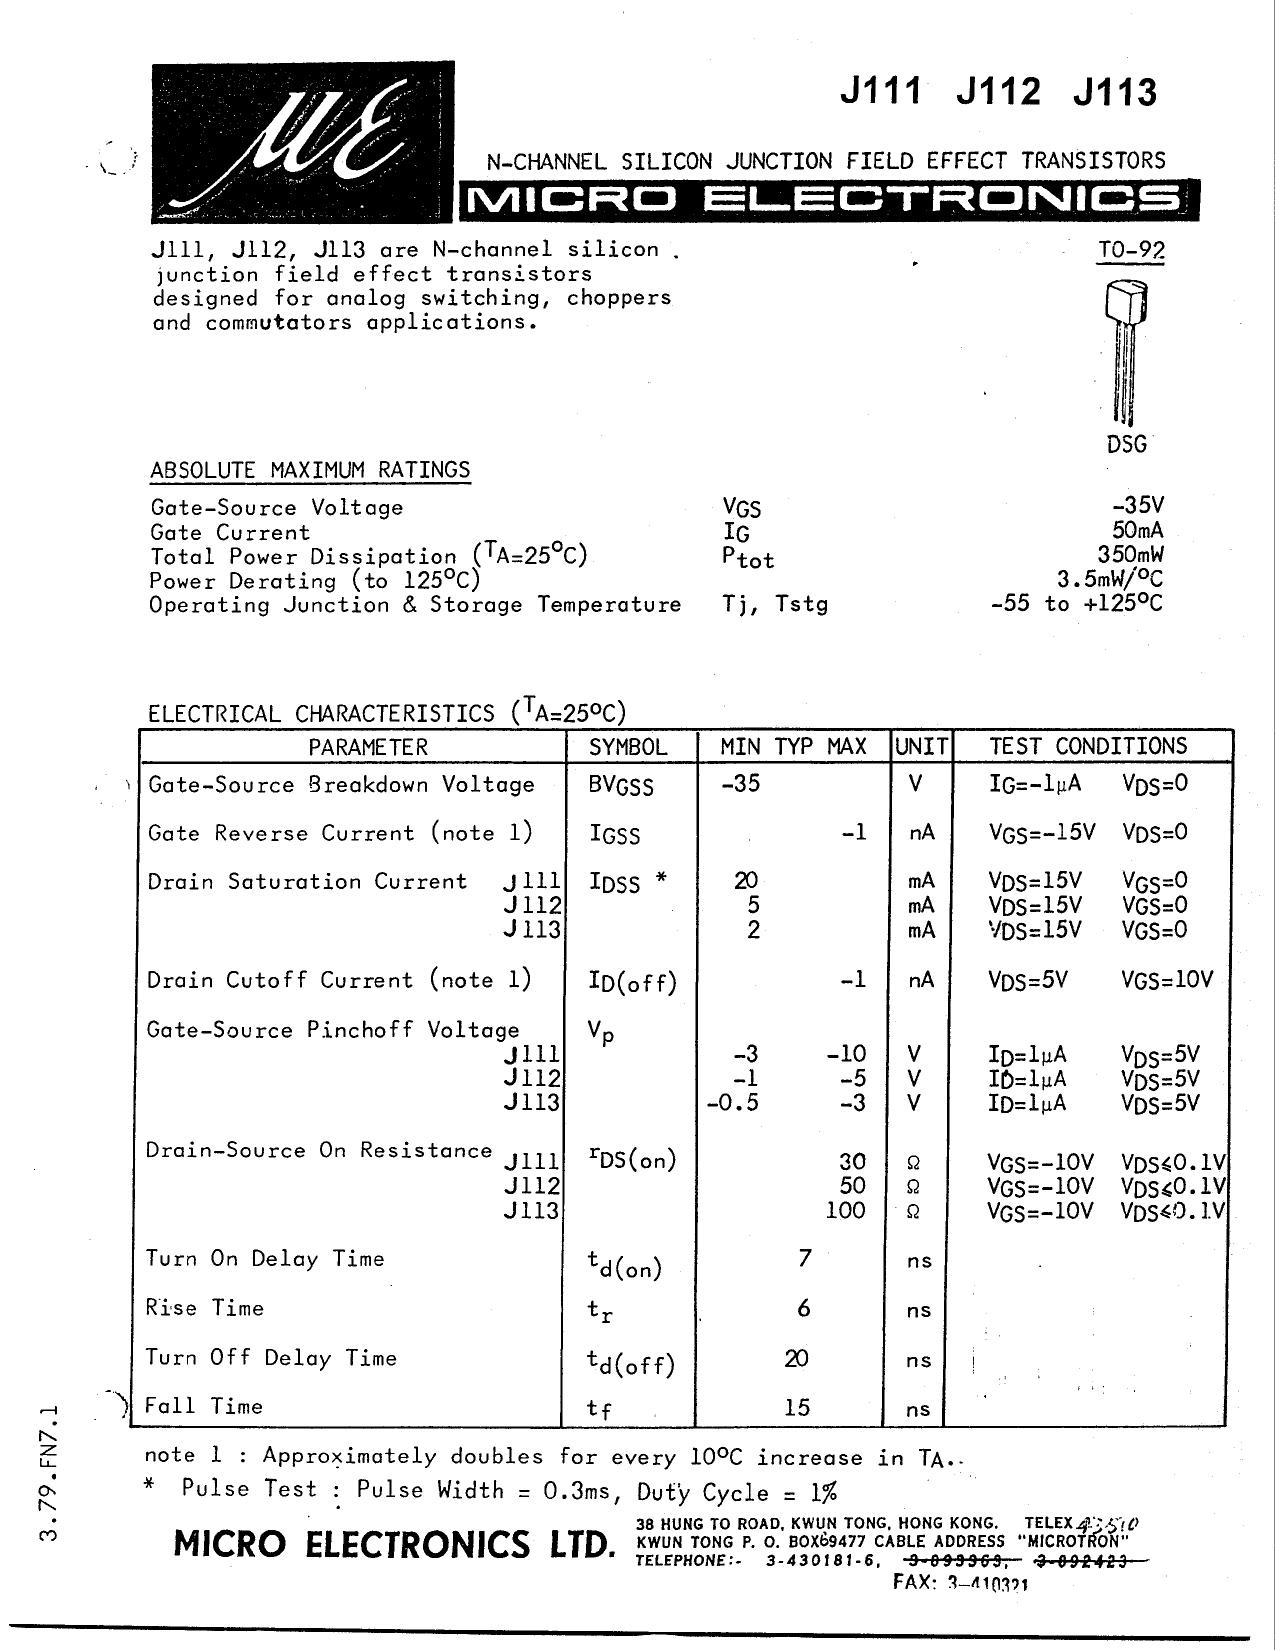 J111 datasheet